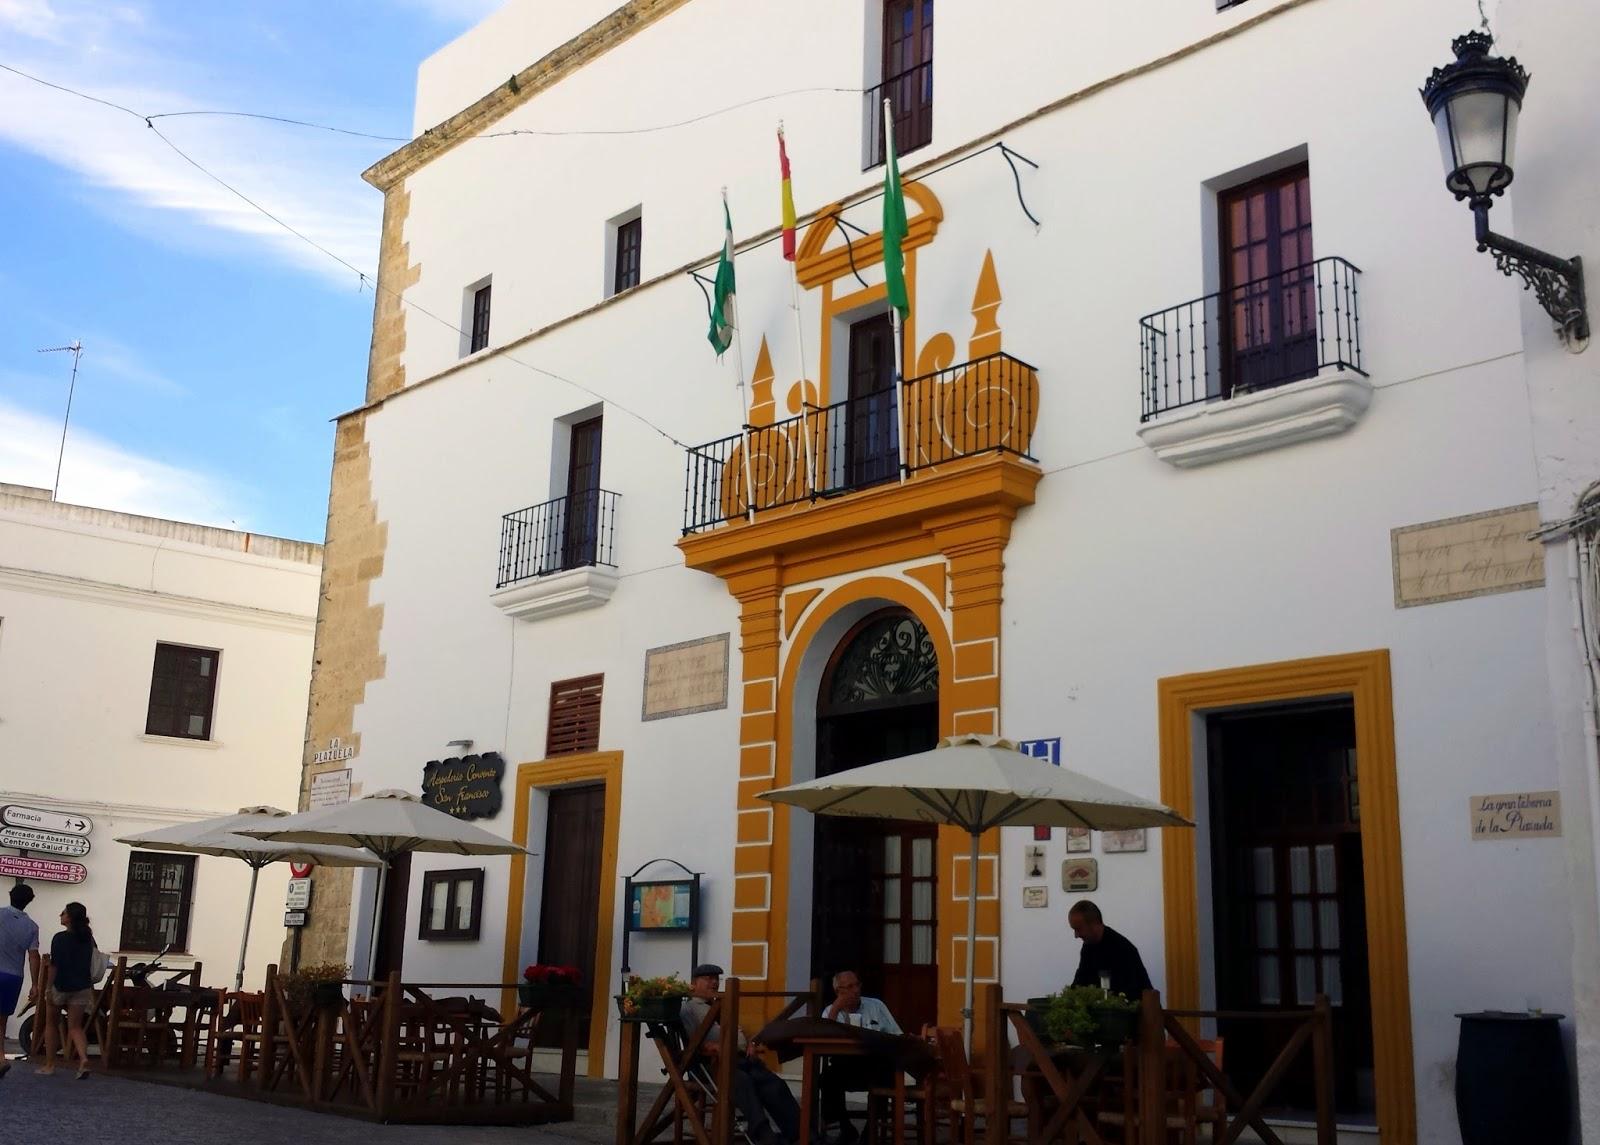 Vejer de la Frontera  |  Postcard from Andalucía: Vejer de la Frontera on afeathery*nest  |  http://afeatherynest.com